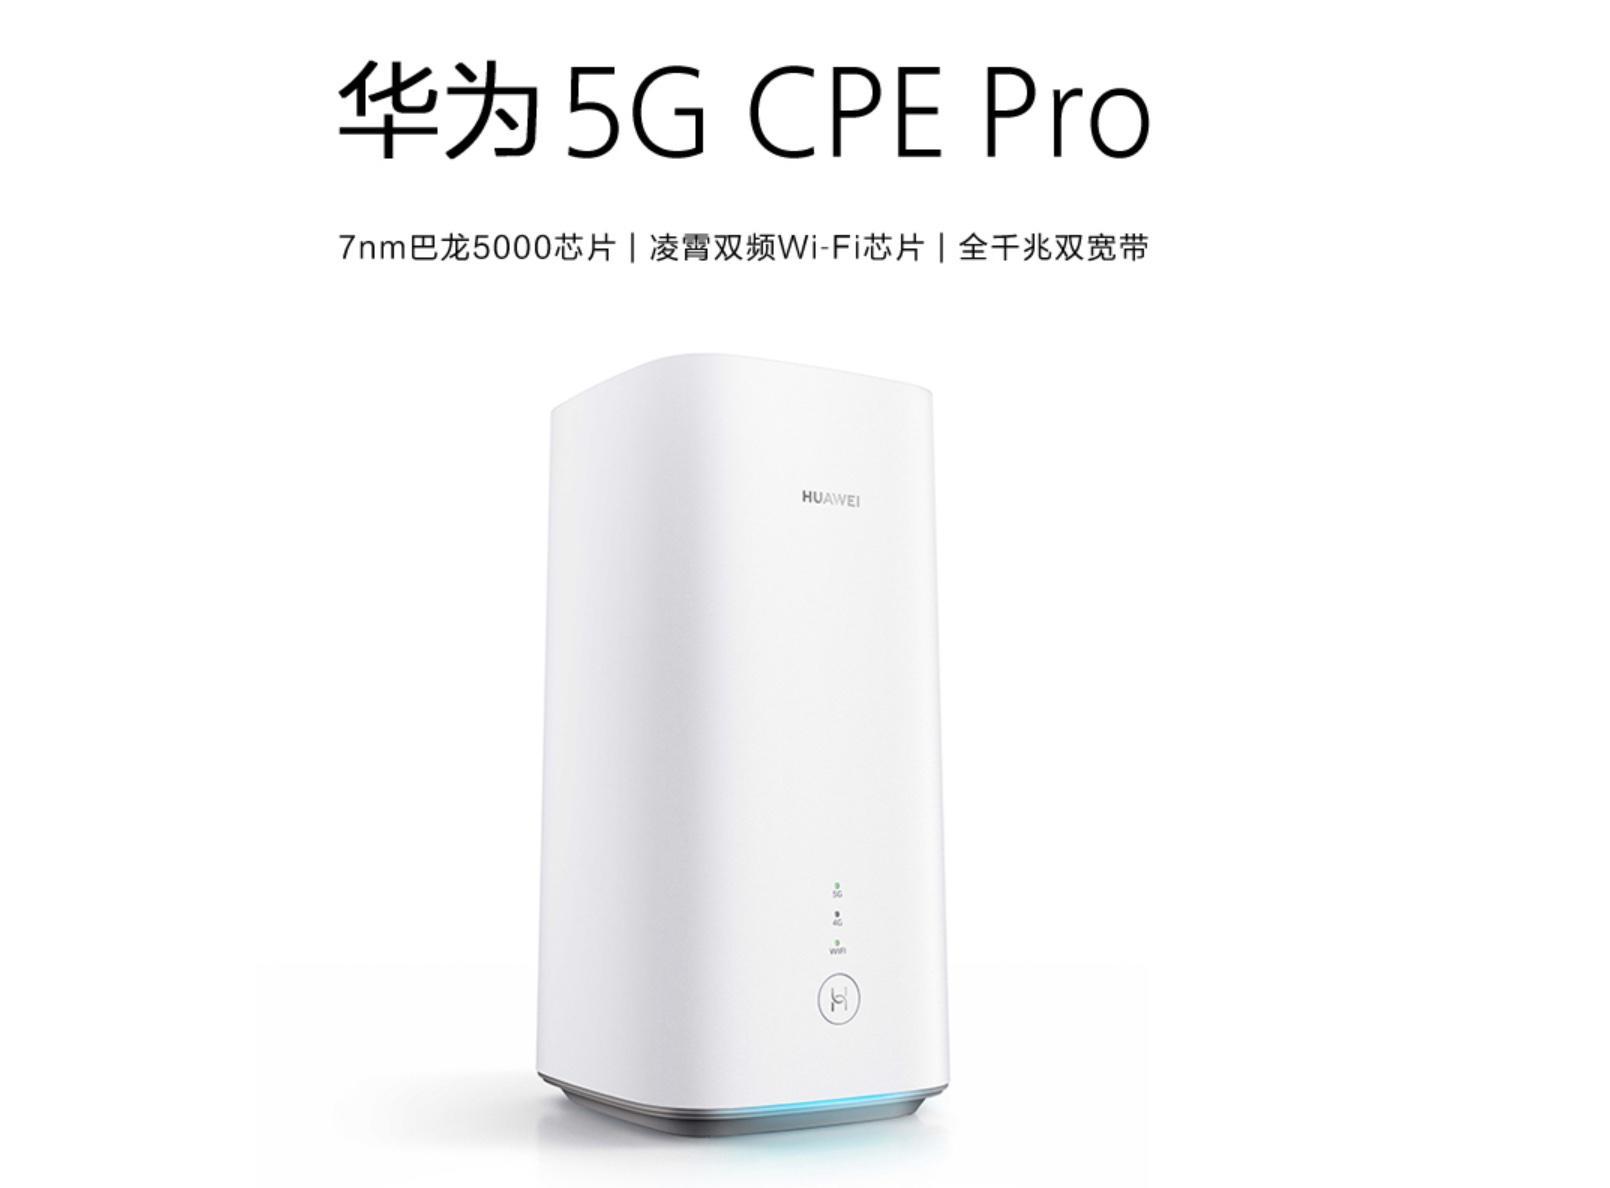 国内首款支持5G全网通路由器 华为5G CPE Pro 国美正式开启预约